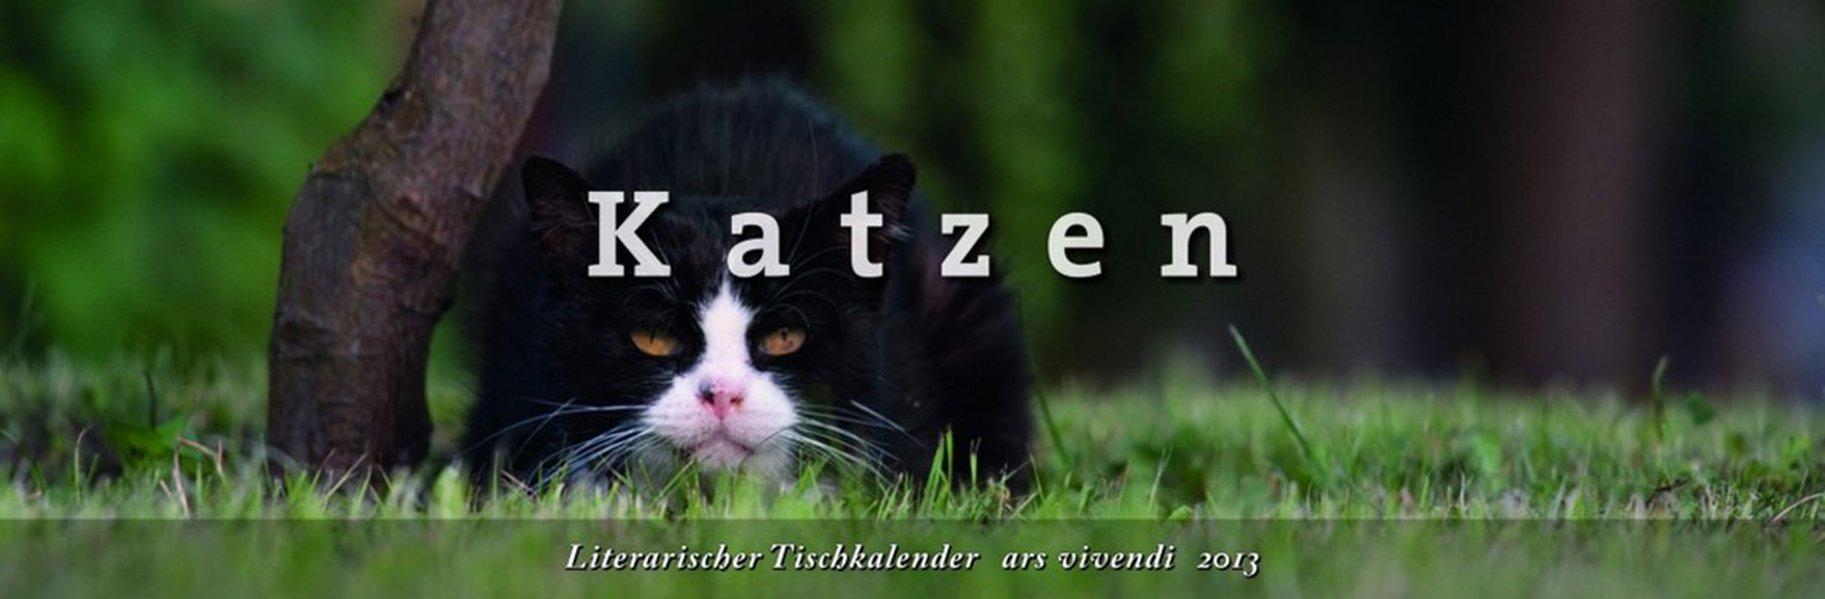 Literarischer Tischkalender Katzen 2013